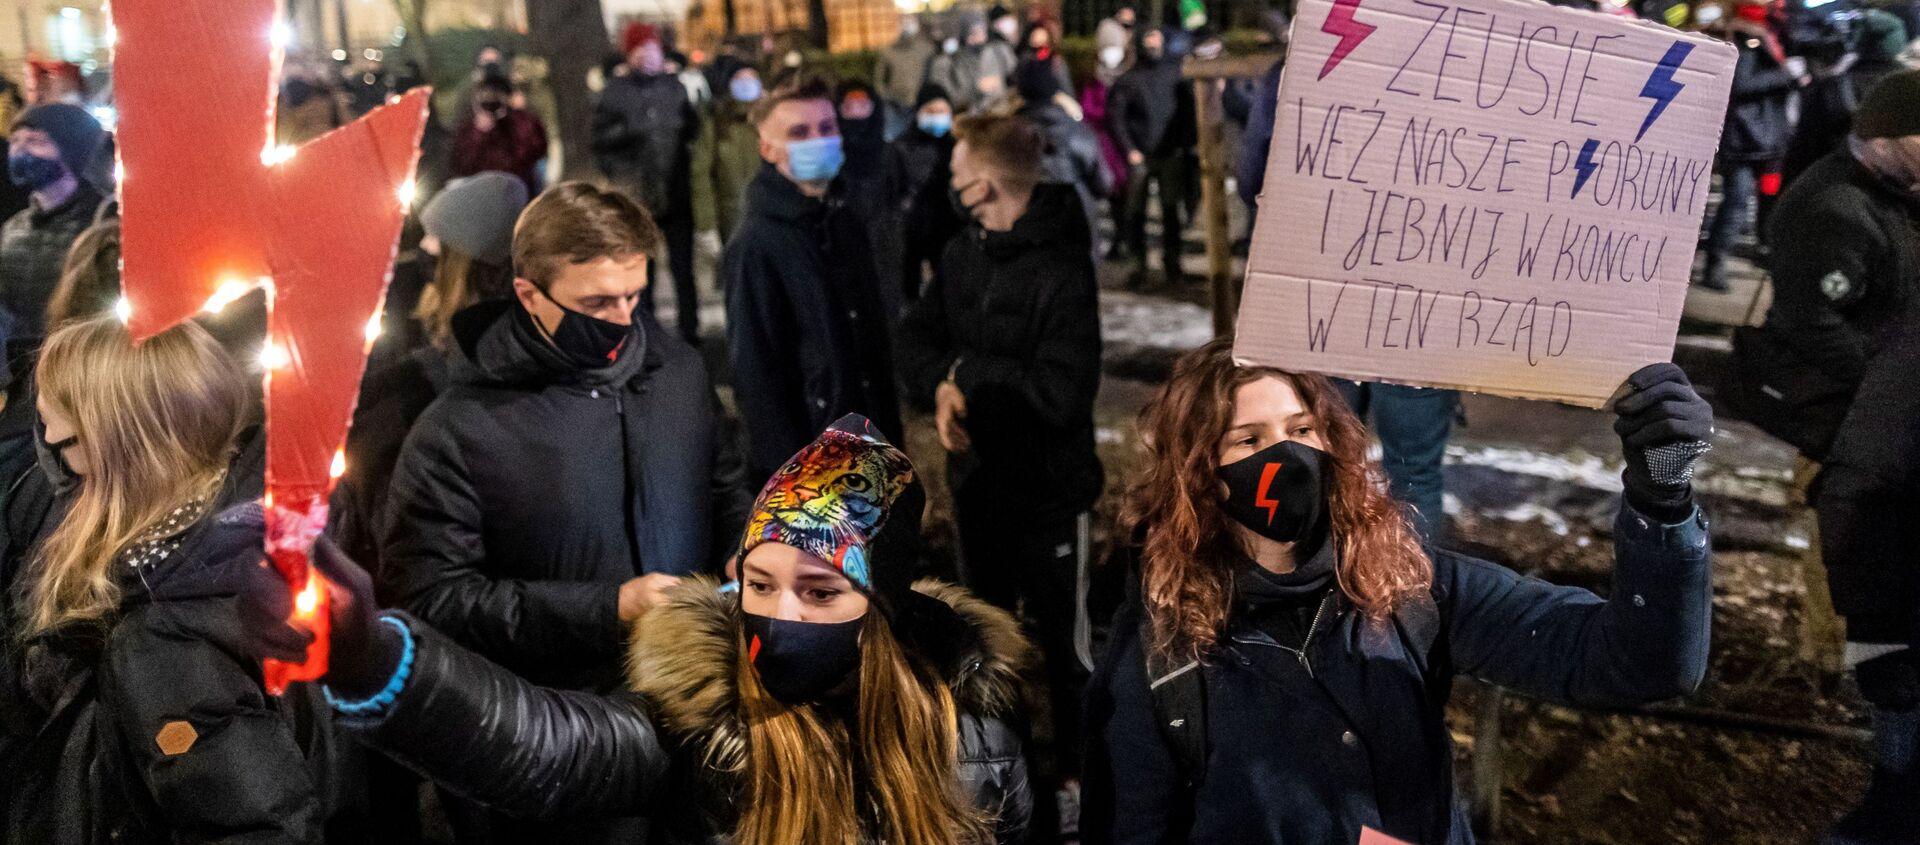 Protesty w Warszawie 27 stycznia 2021 roku po zaostrzeniu prawa aborcyjnego w Polsce - Sputnik Polska, 1920, 10.02.2021